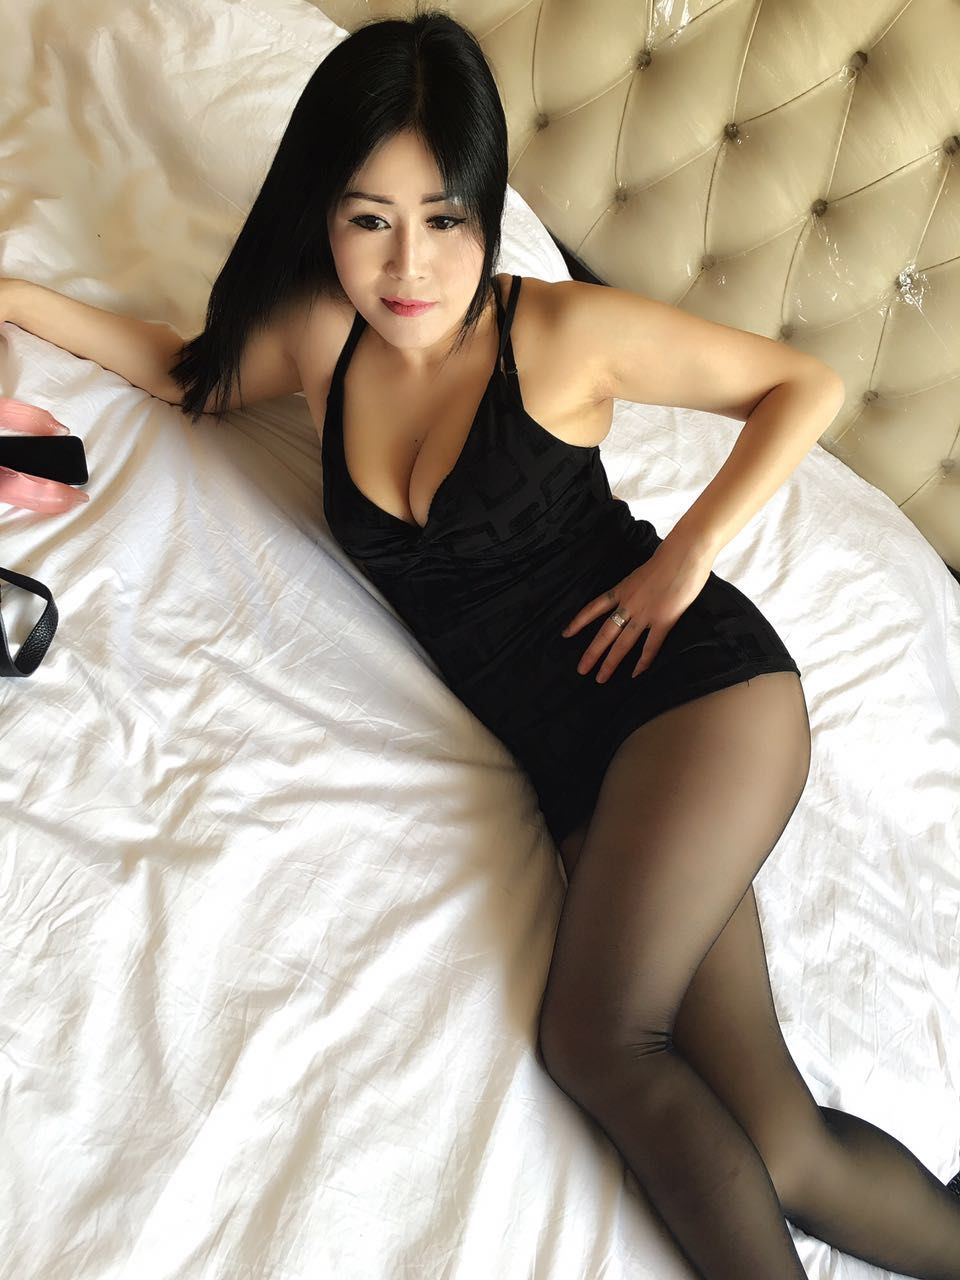 Hot Nude Photos Mature upskirt images